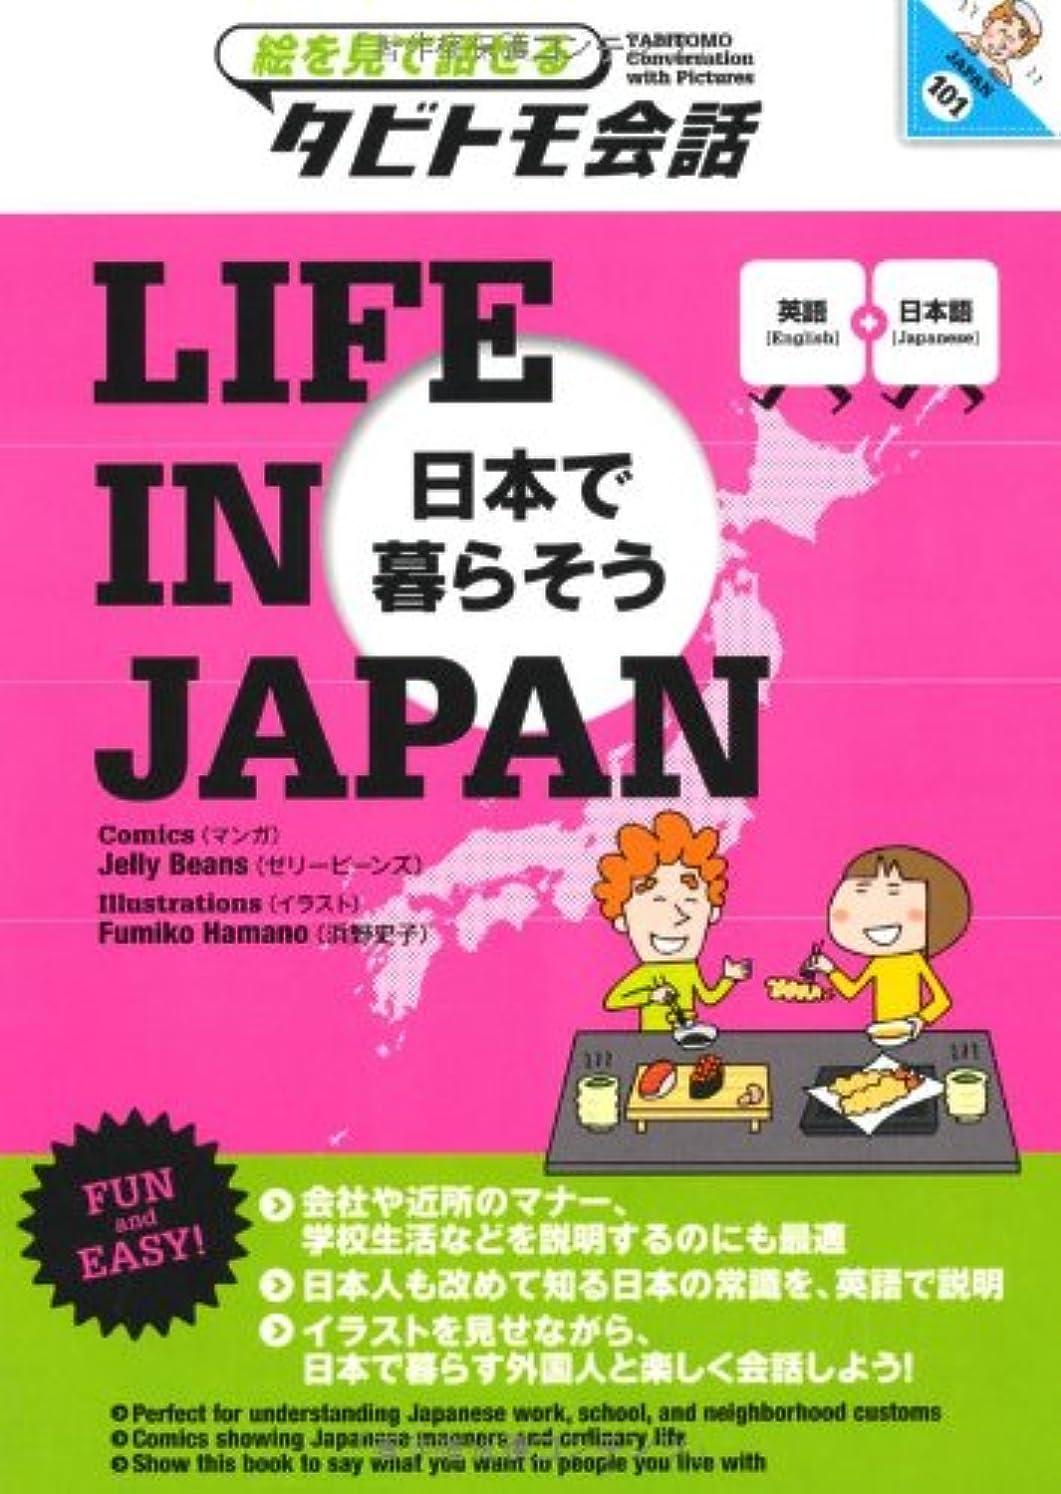 成熟エンジニア選択LIFE IN JAPAN 日本で暮らそう (絵を見て話せるタビトモ会話)